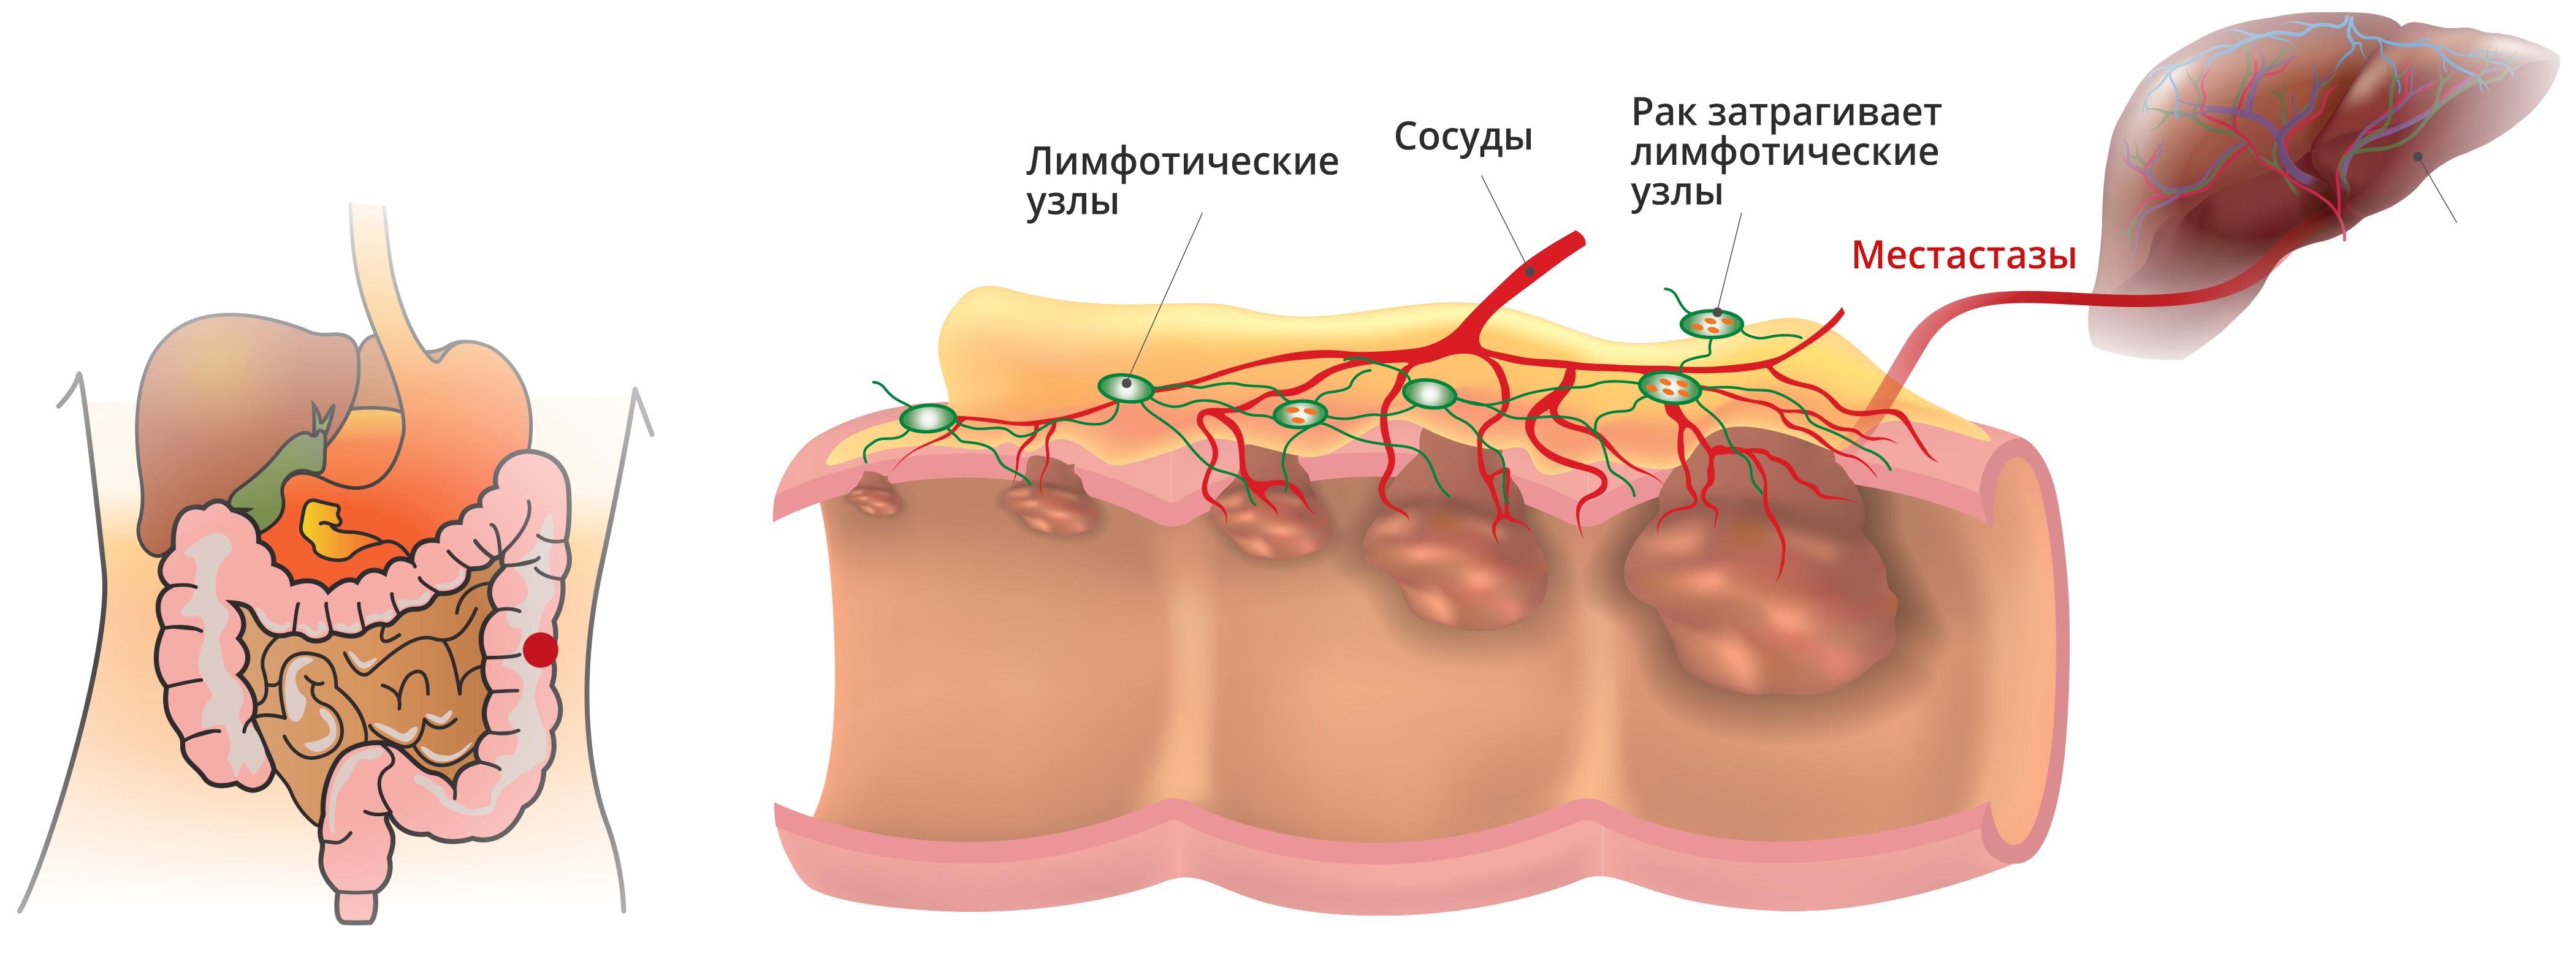 Как выглядит рак прямой кишки